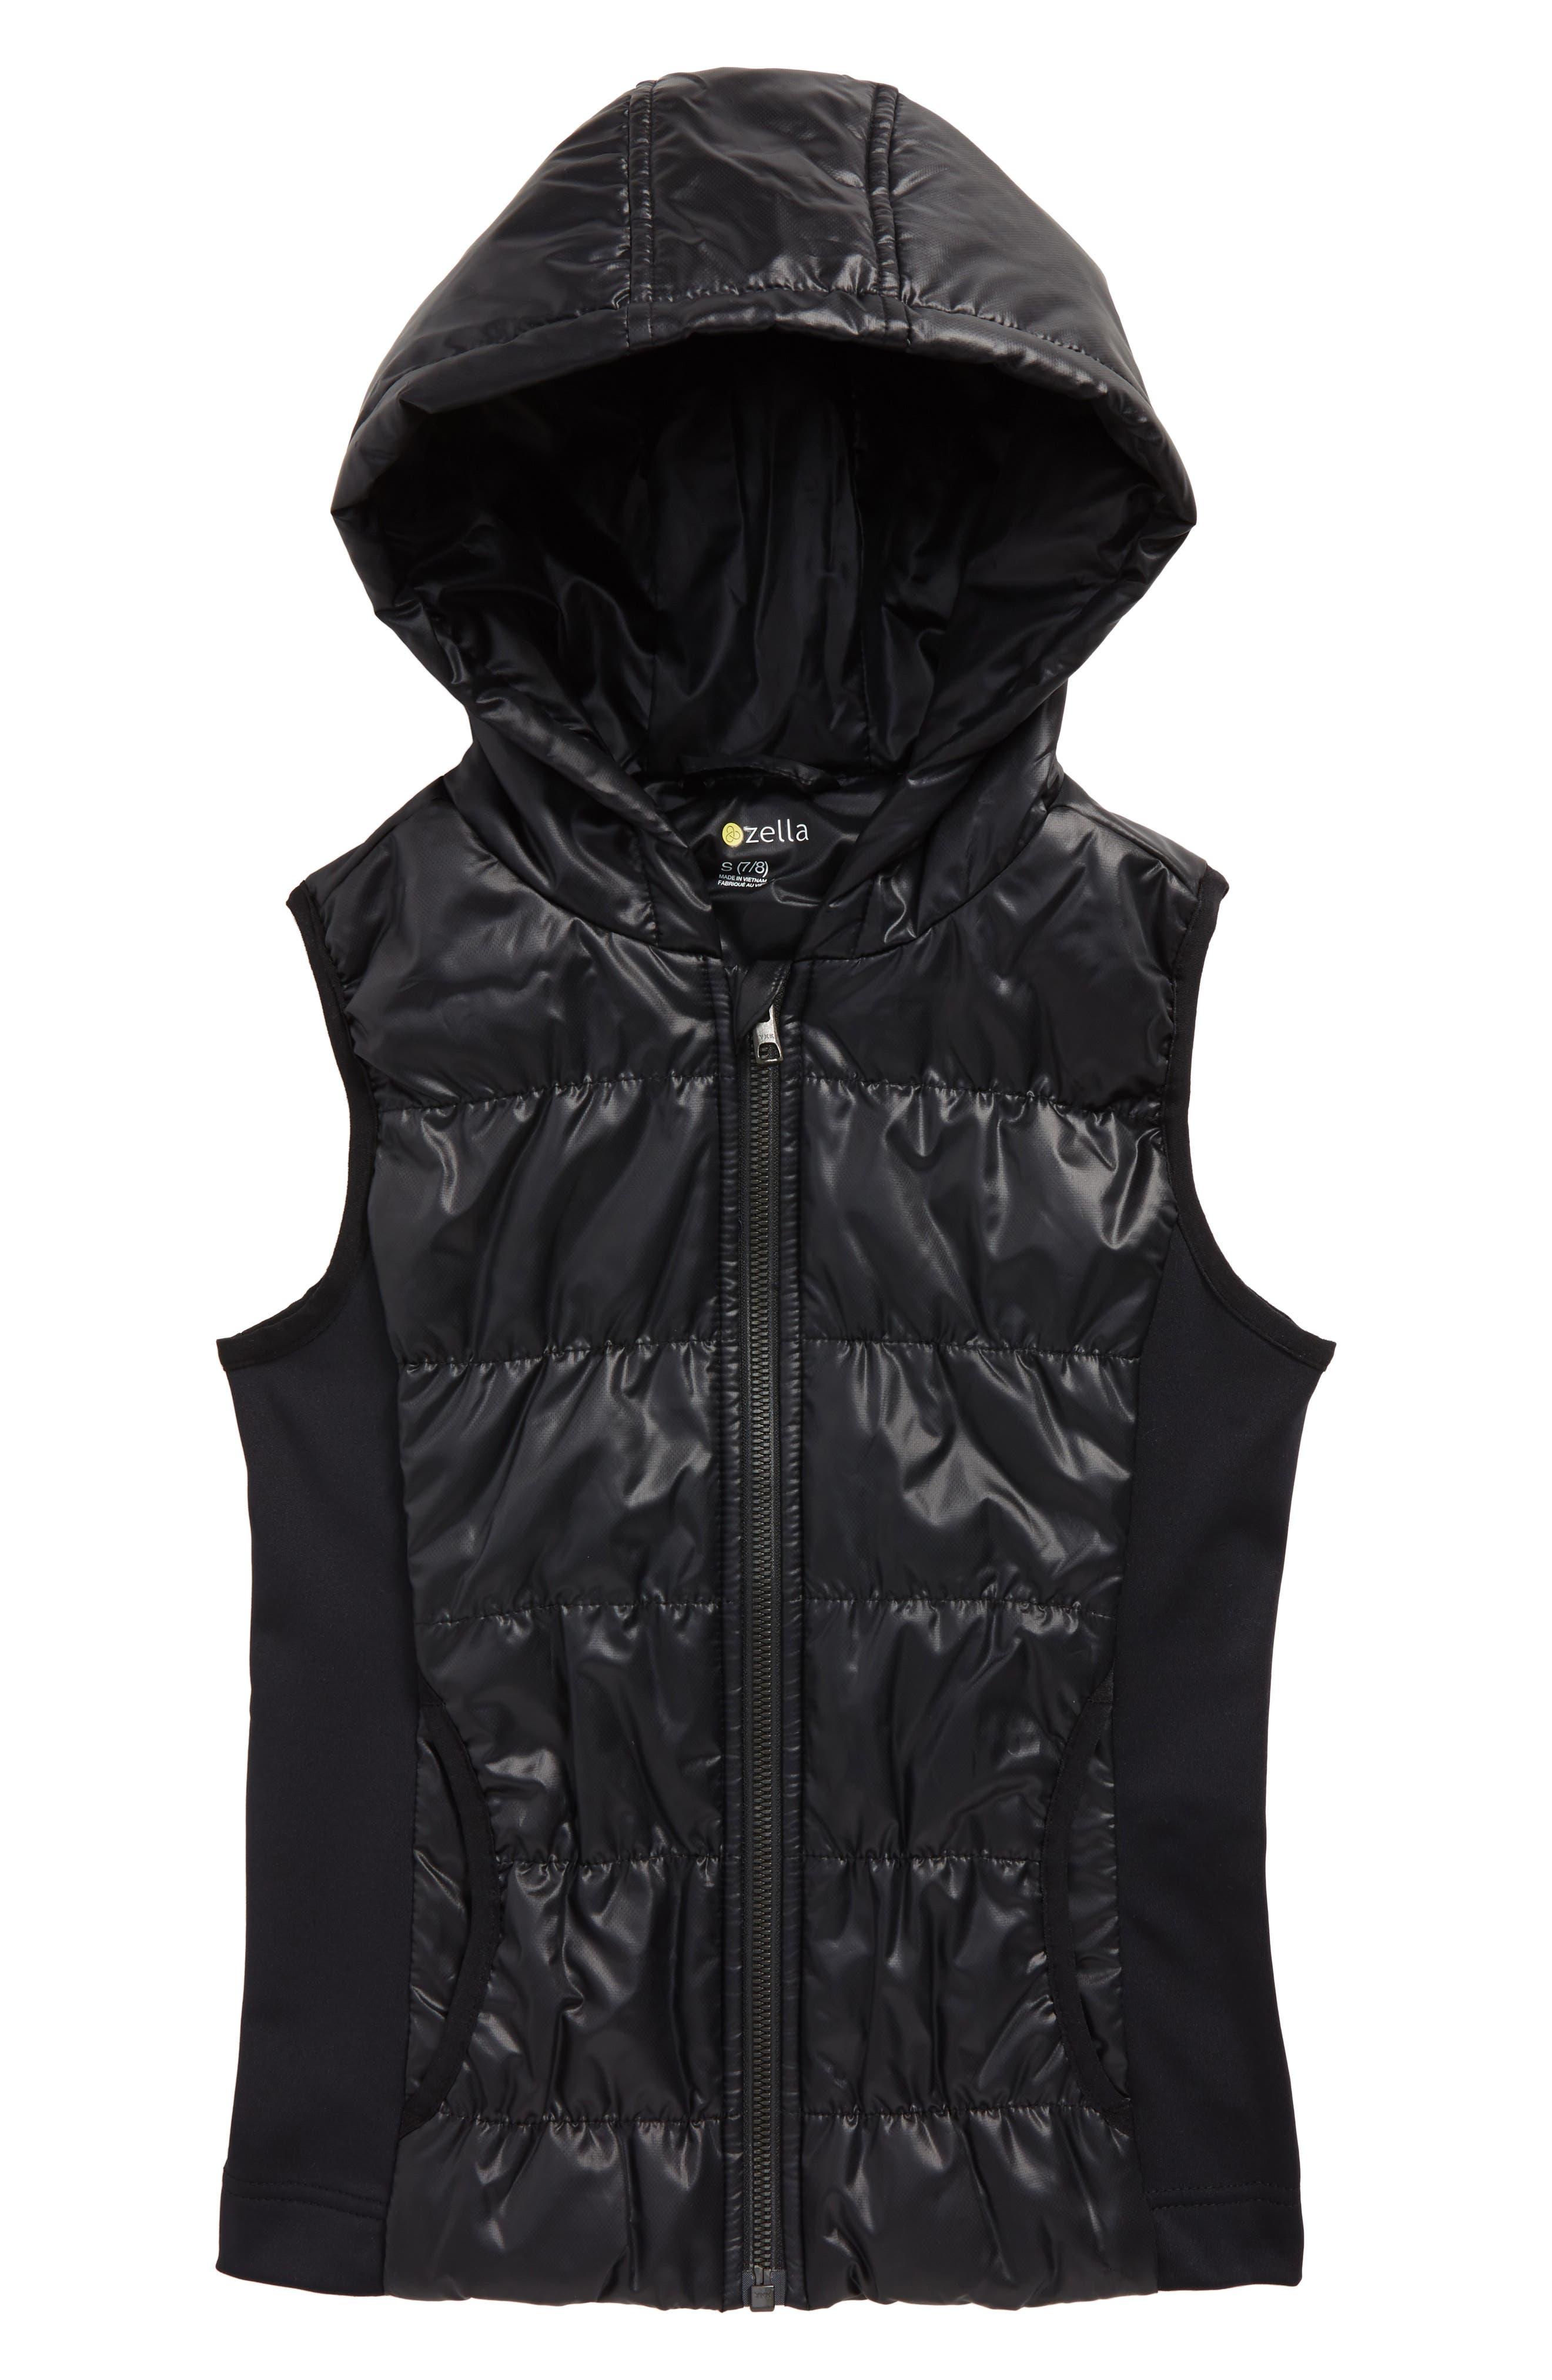 Zella Shine Quilted Hooded Vest,                         Main,                         color, Black